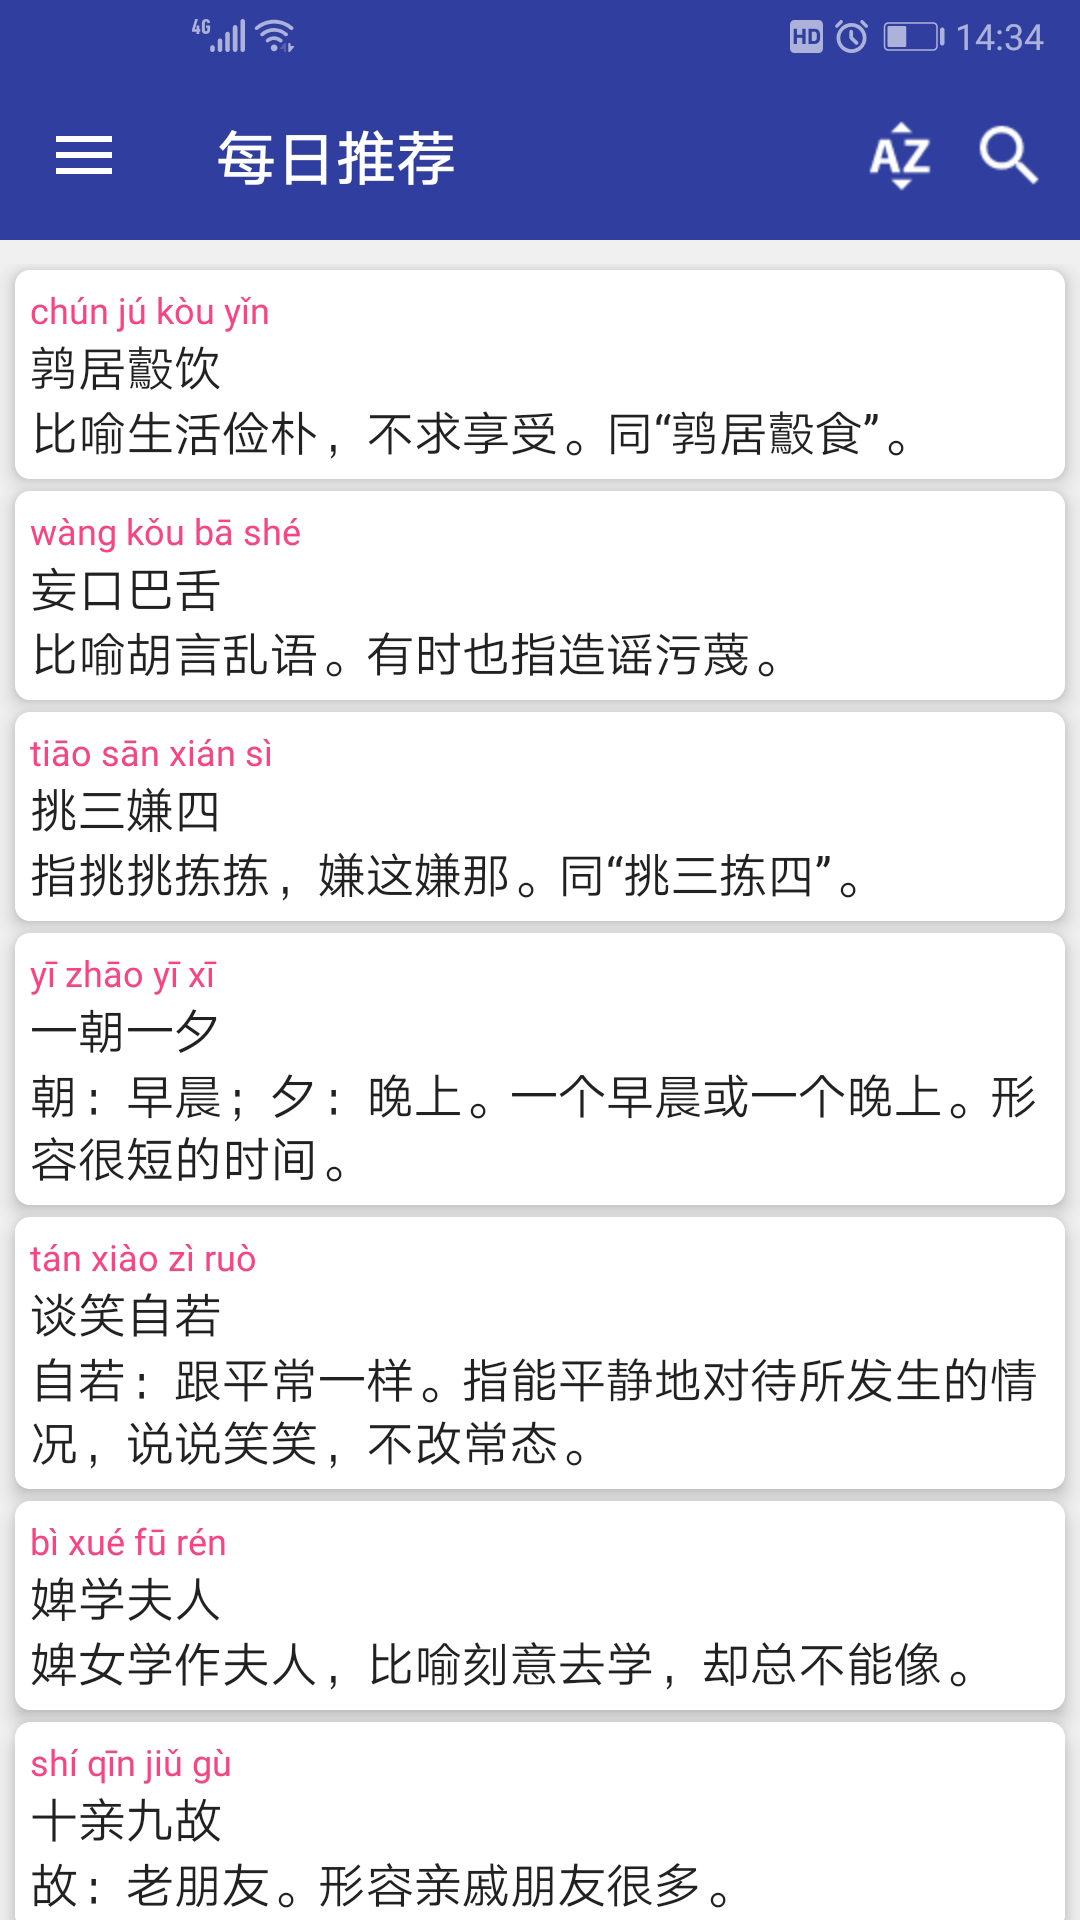 汉语成语词典 APP截图